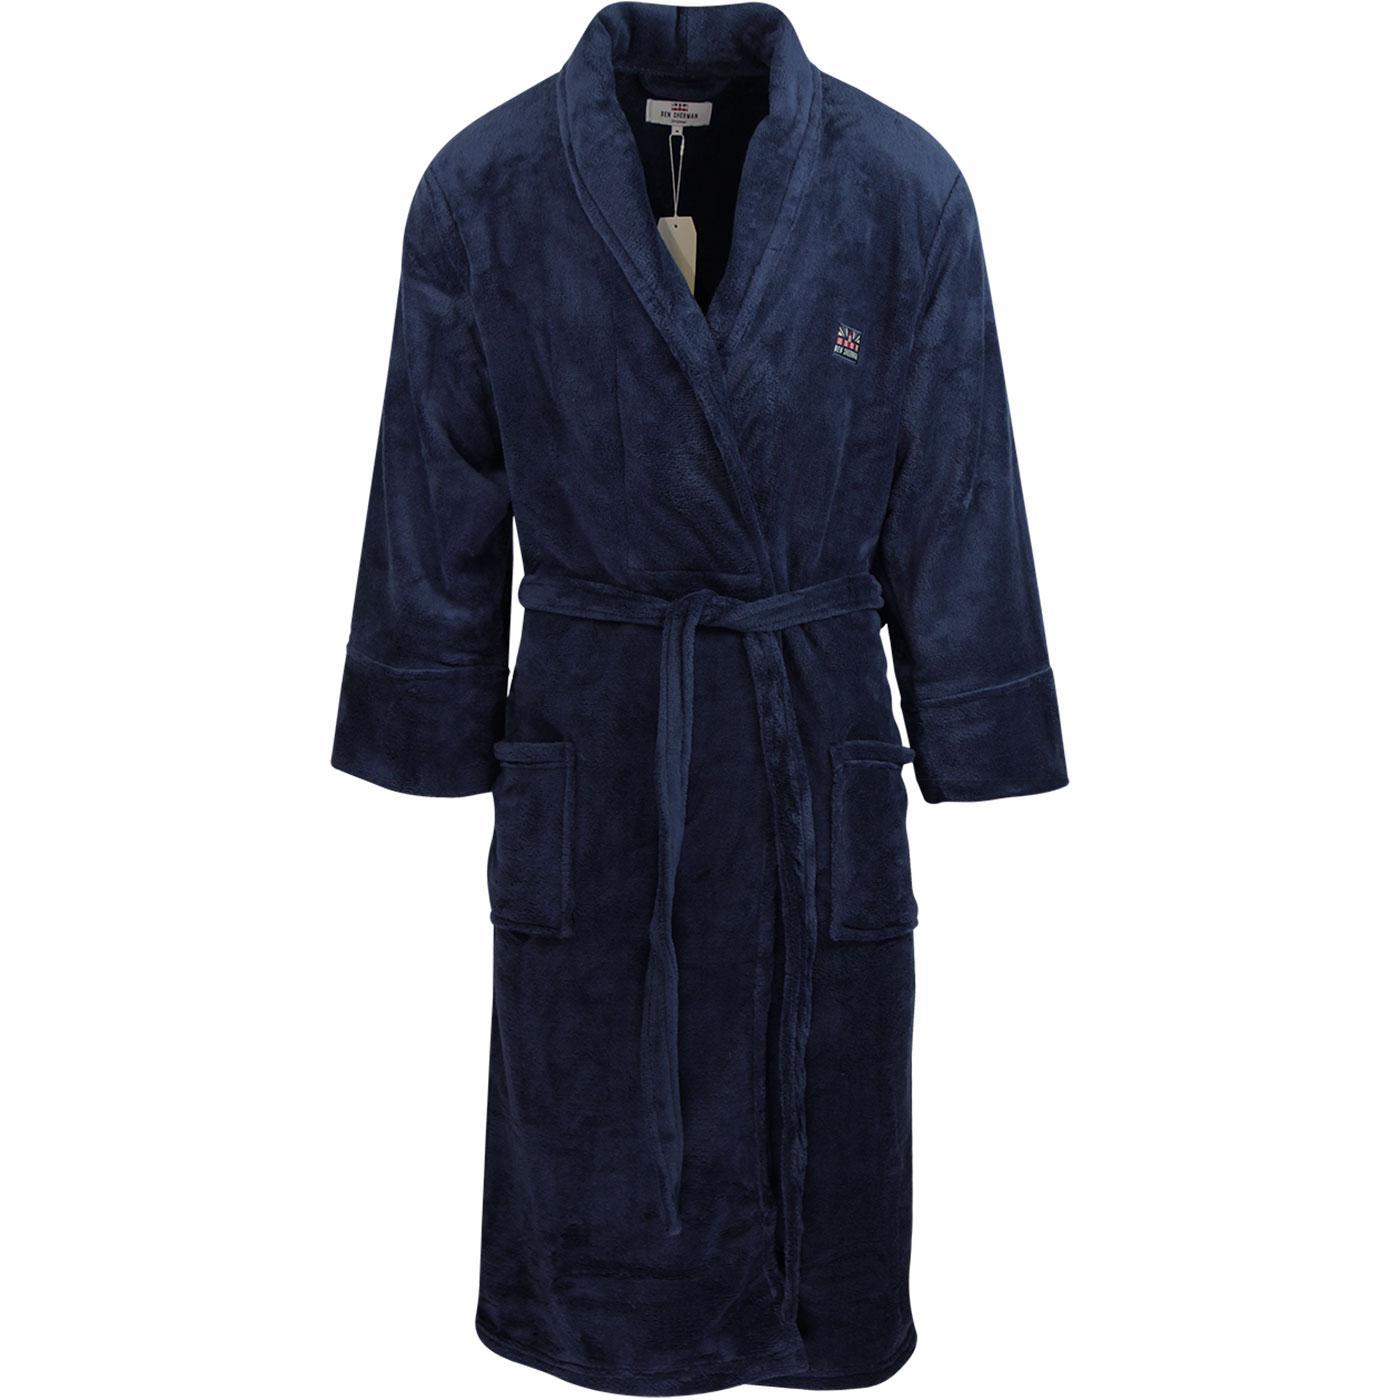 Henry BEN SHERMAN Men's Retro Bath Robe (Navy)